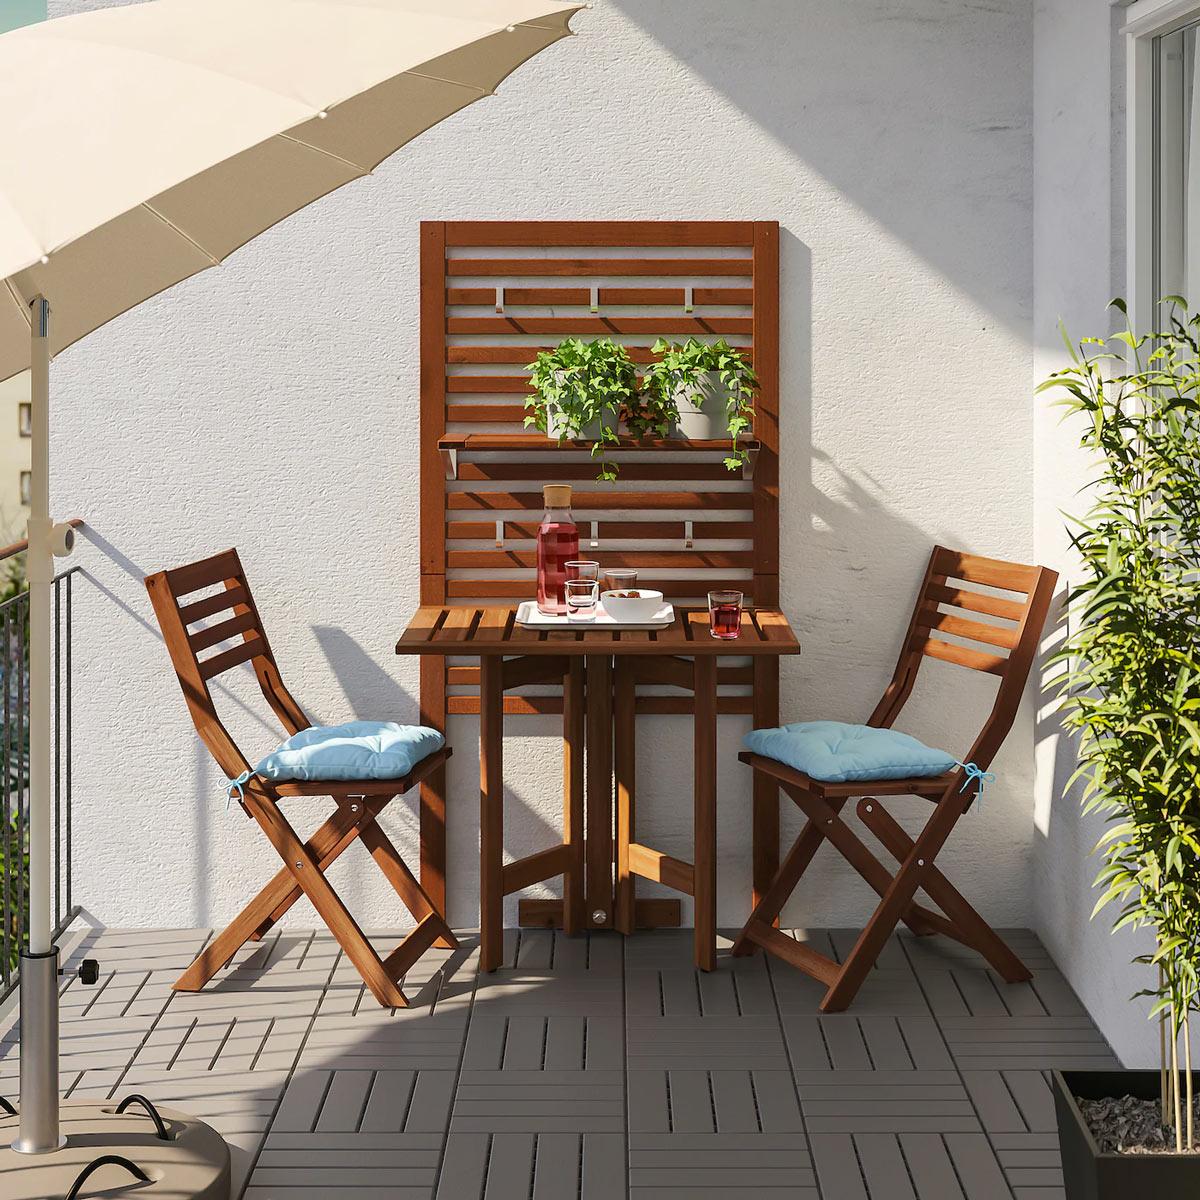 Tavolino Per Balcone Ikea 13 soluzioni ikea per il balcone piccolo! ispiratevi